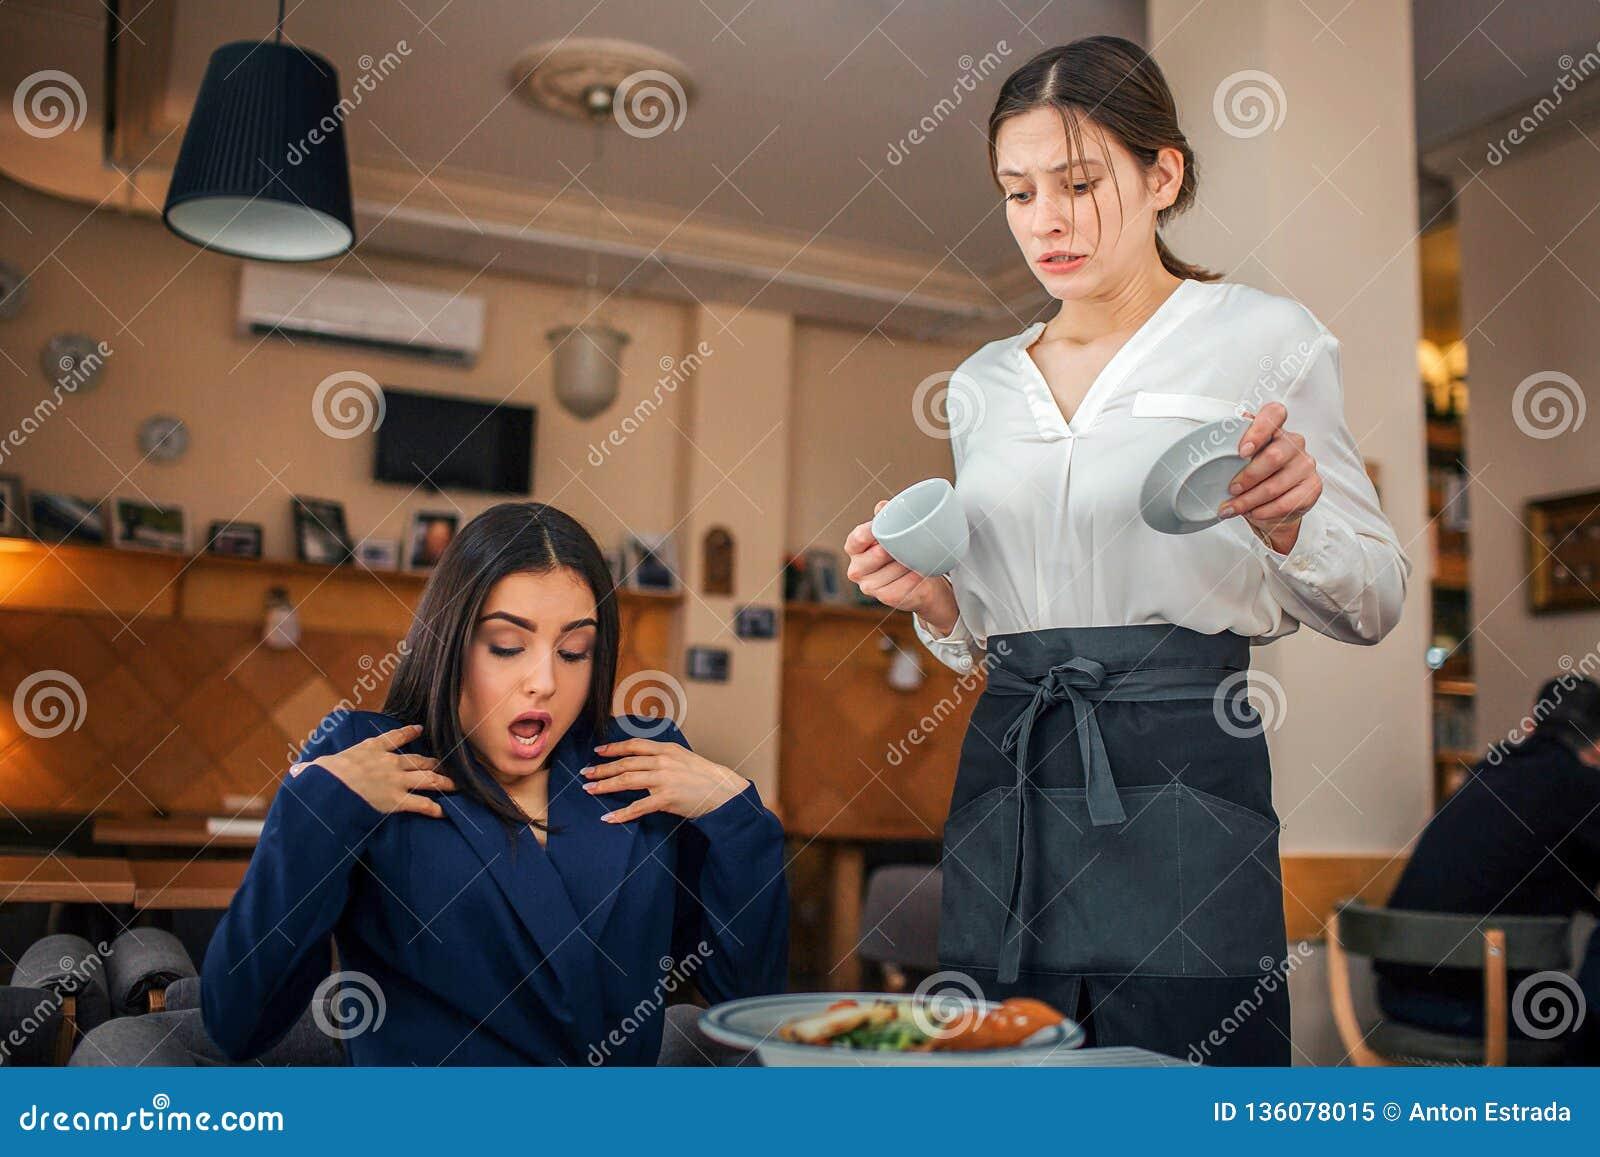 Emotionale junge Geschäftsfrau sitzen bei Tisch im Restaurant Sie wird überrascht und schaut unten Kellnerin gießen etwas Kaffee